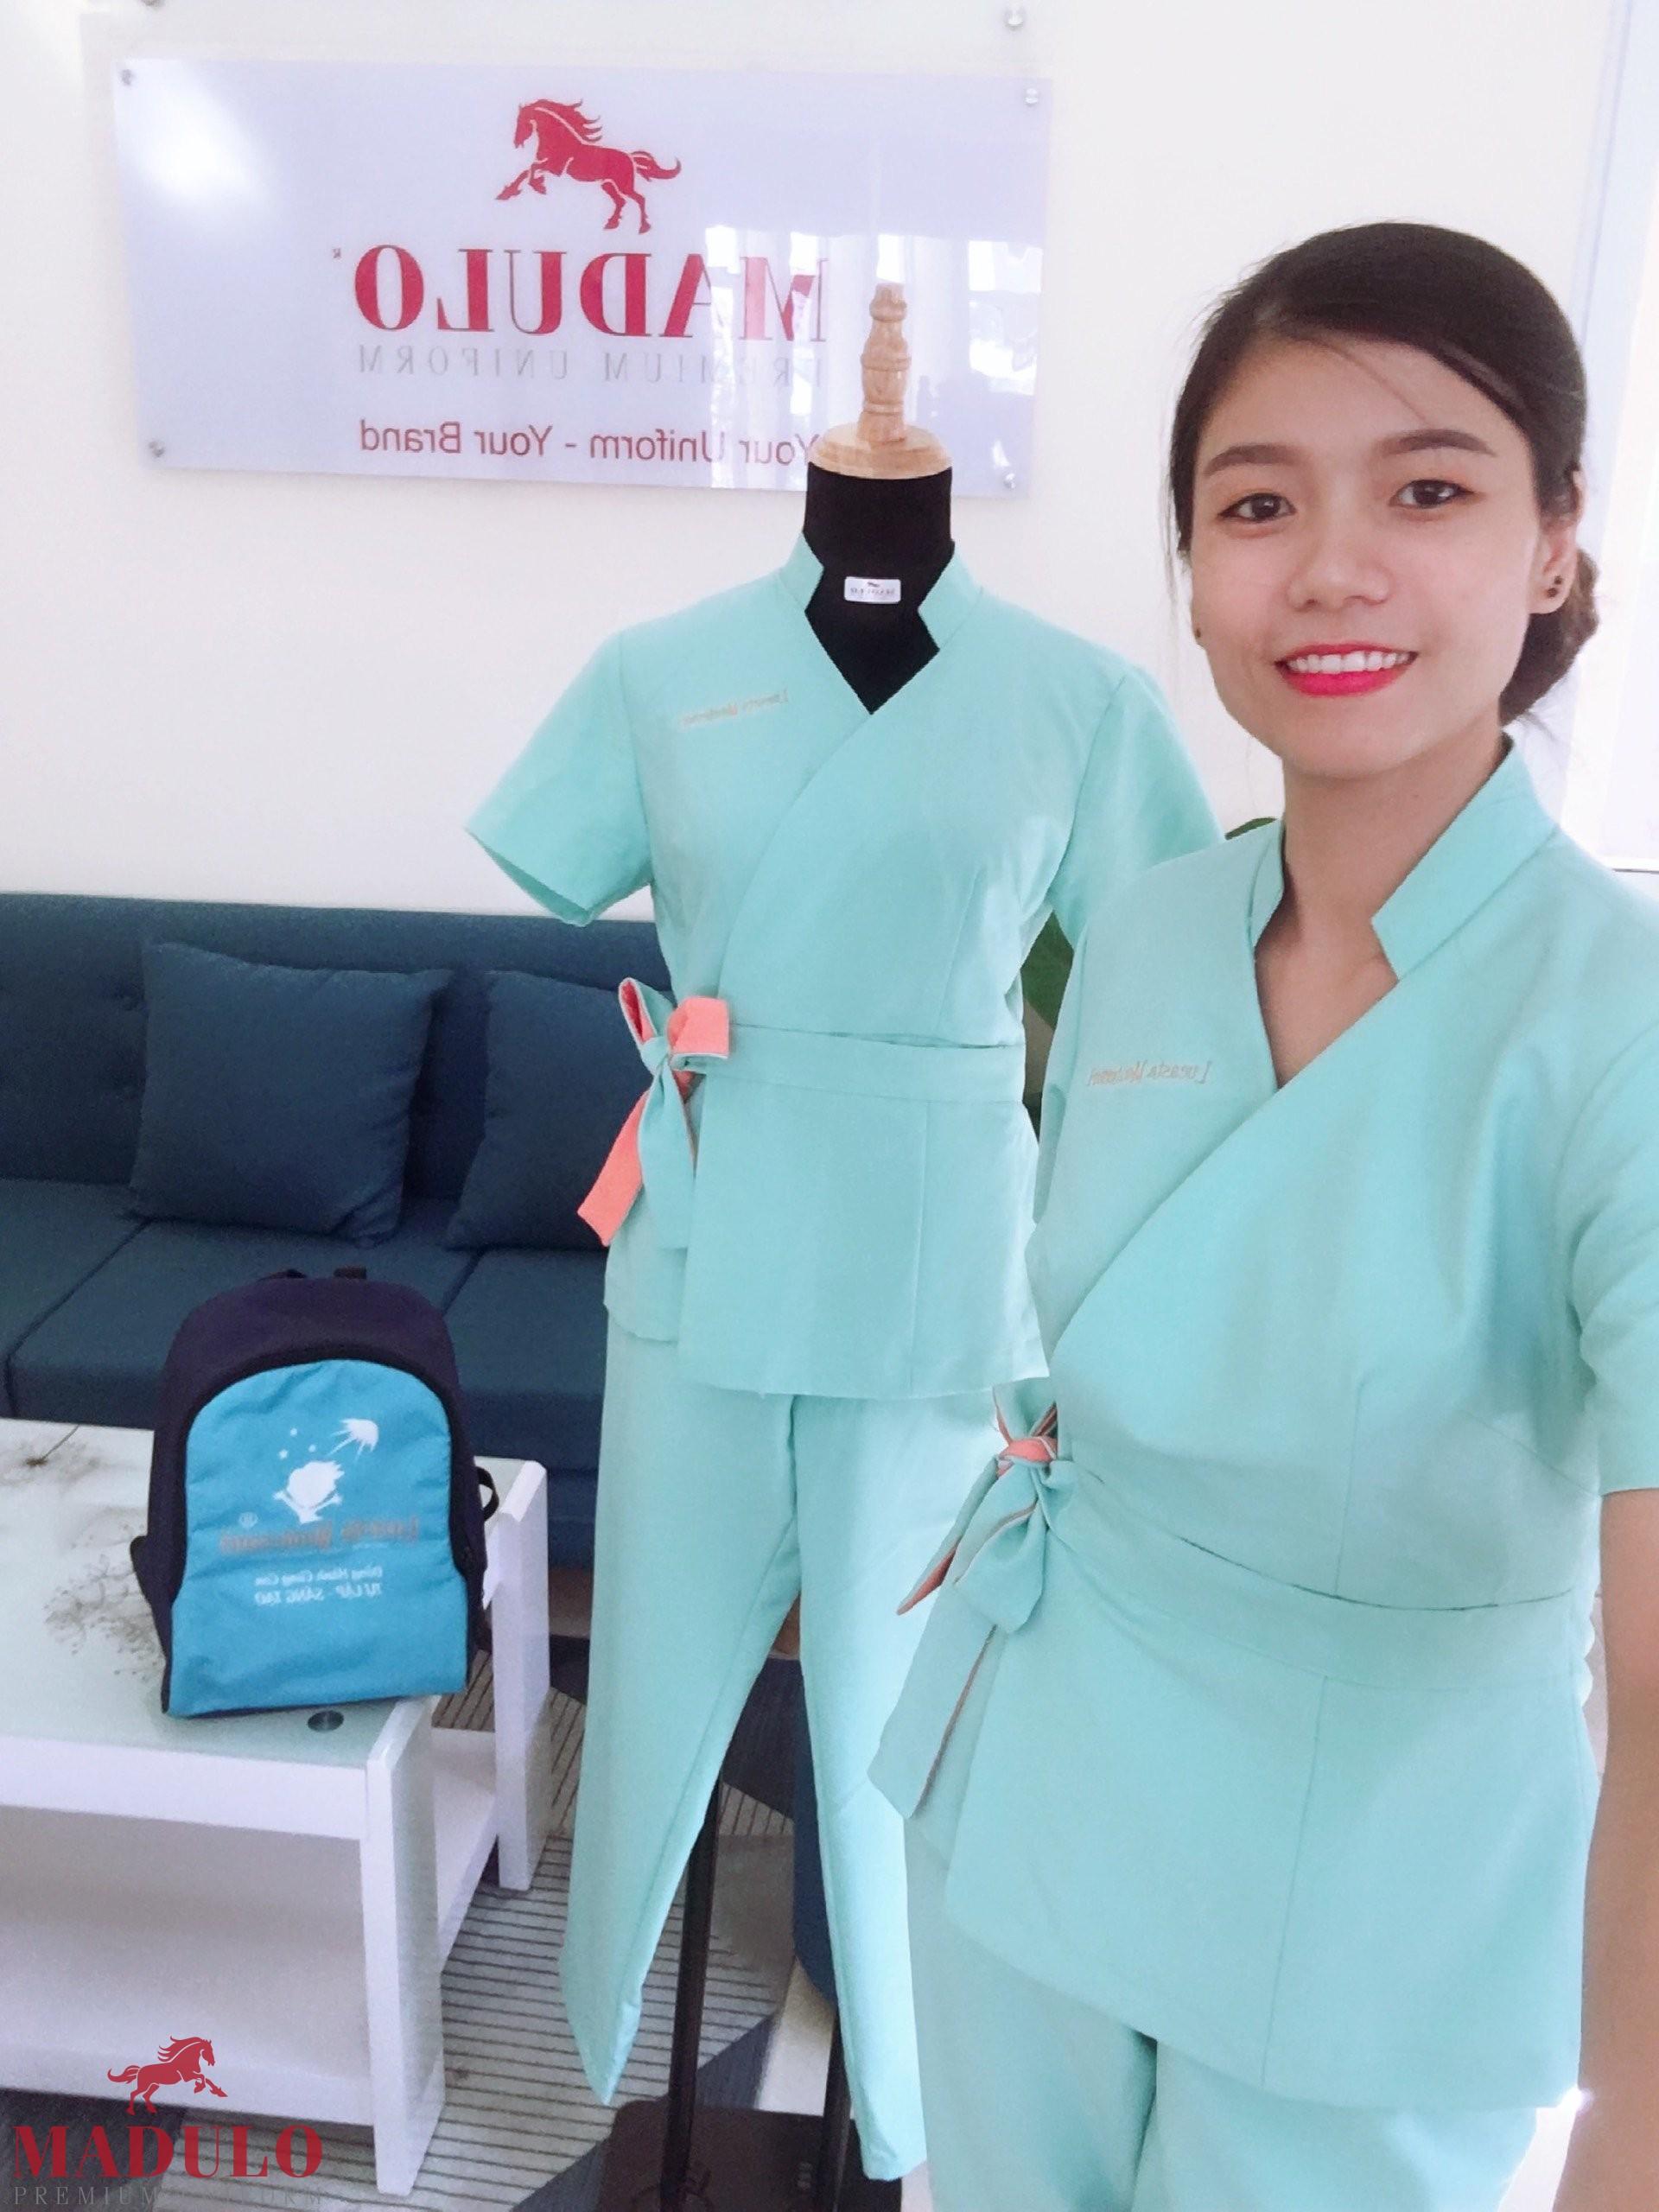 Đồng phục đẹp cho nhân viên spa